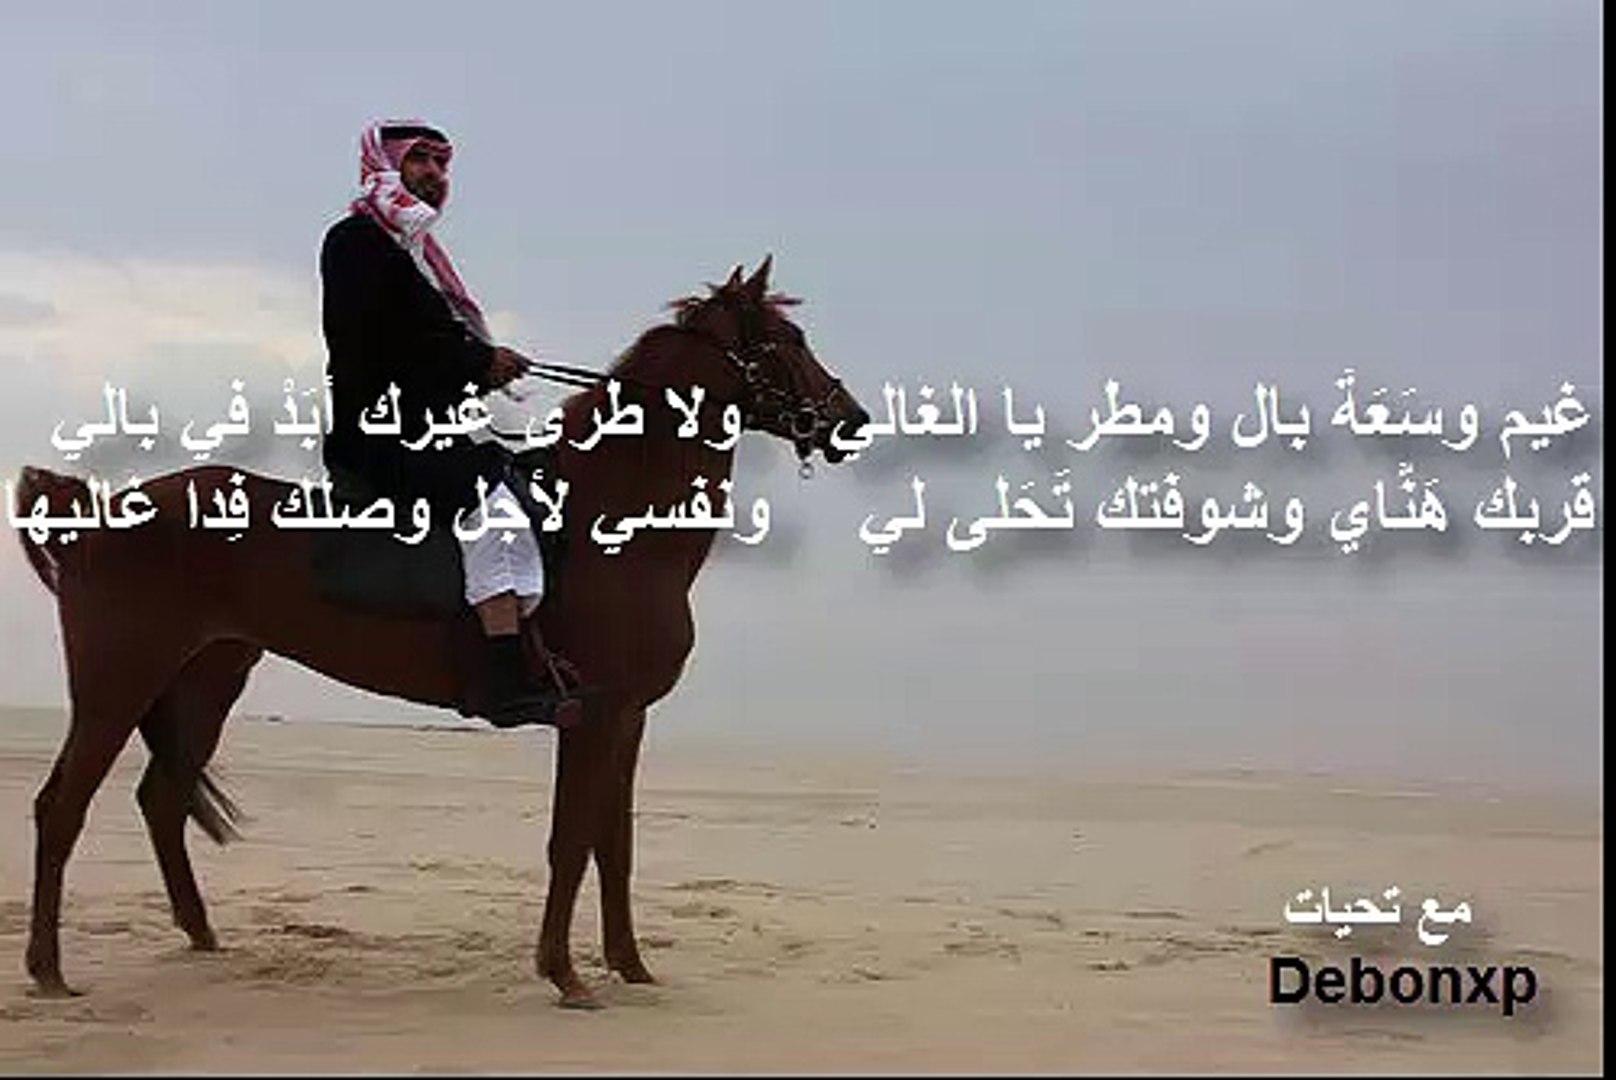 شيله هب البراد وزانت النفسيه اداء عبدالعزيز العليوى كلمات ماجد لفى الديحاني Video Dailymotion